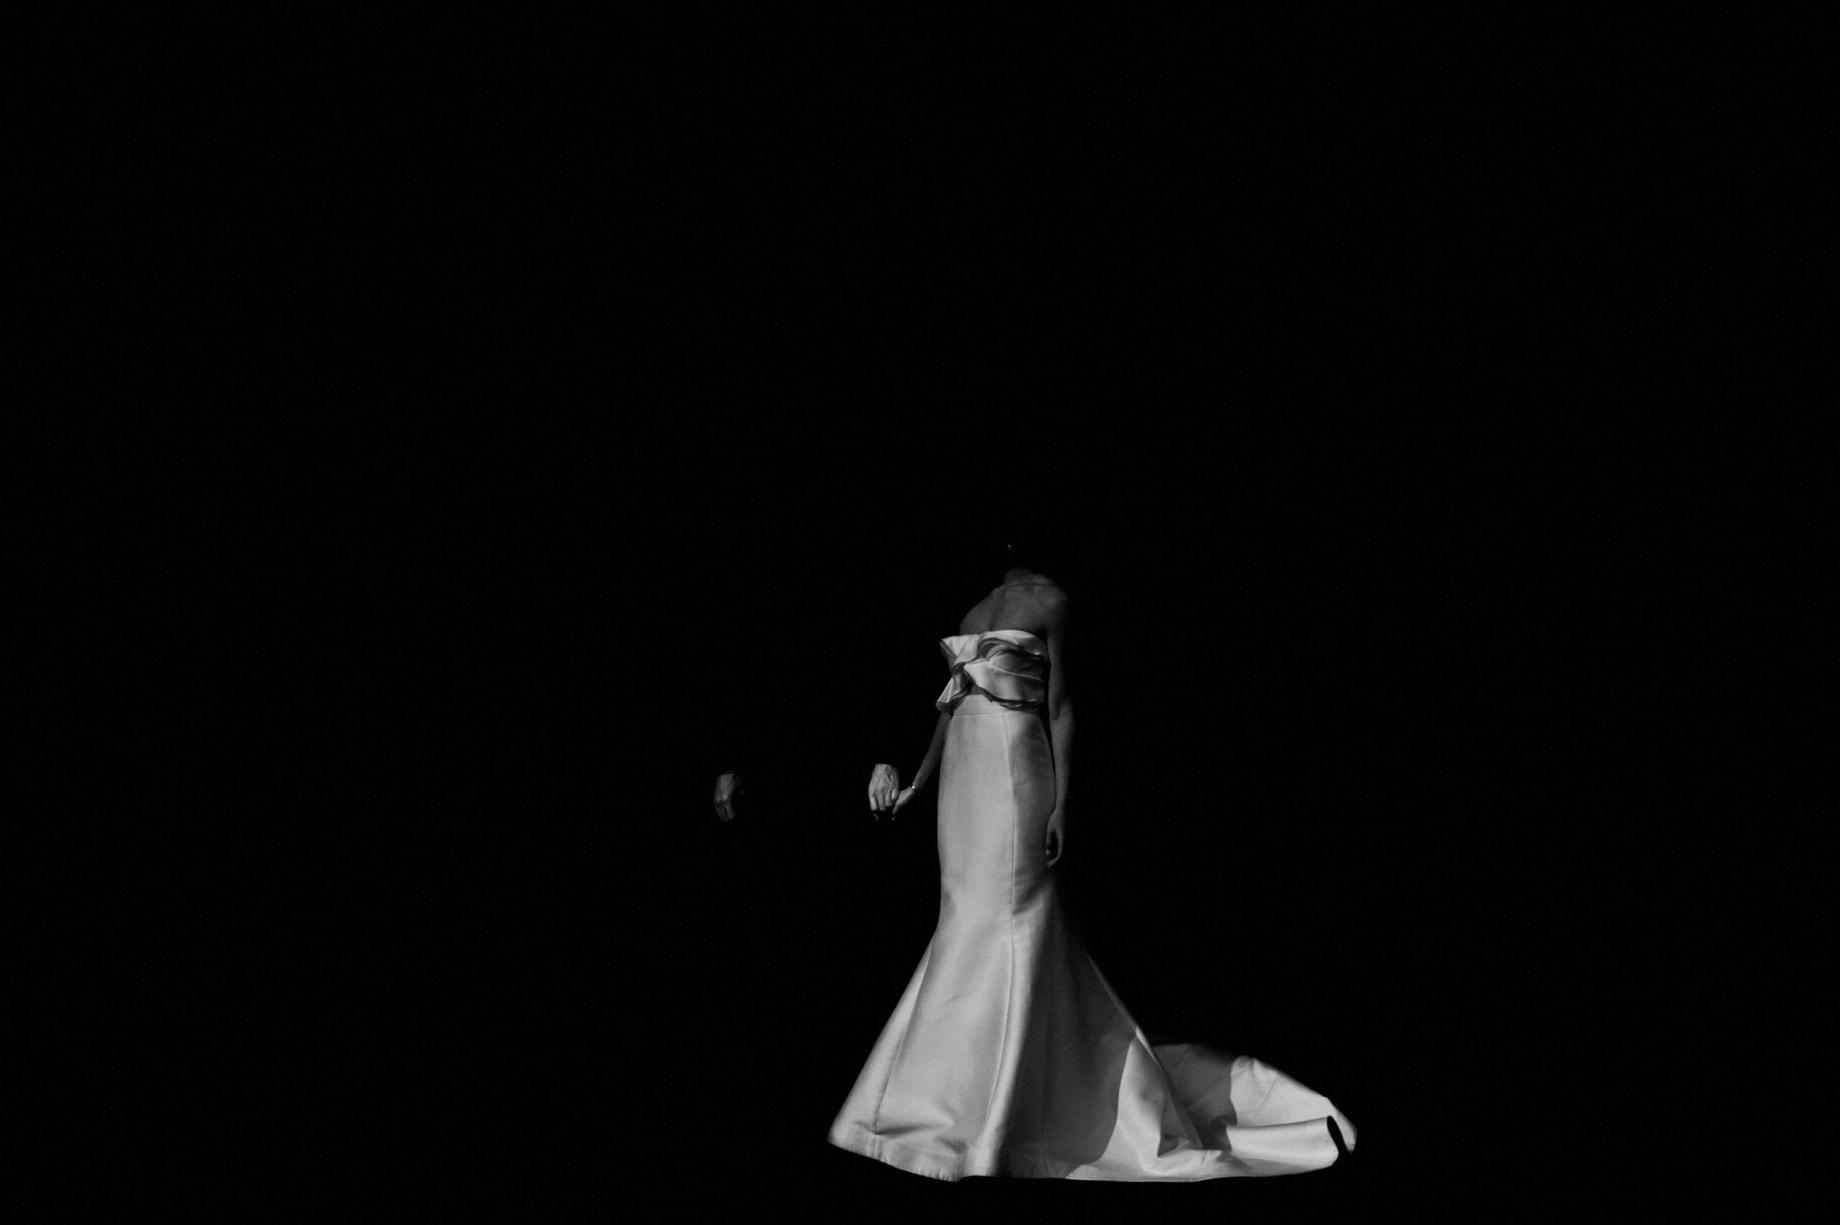 Candid Detroit Wedding Photographer Heather Jowett presents her Best of 2017